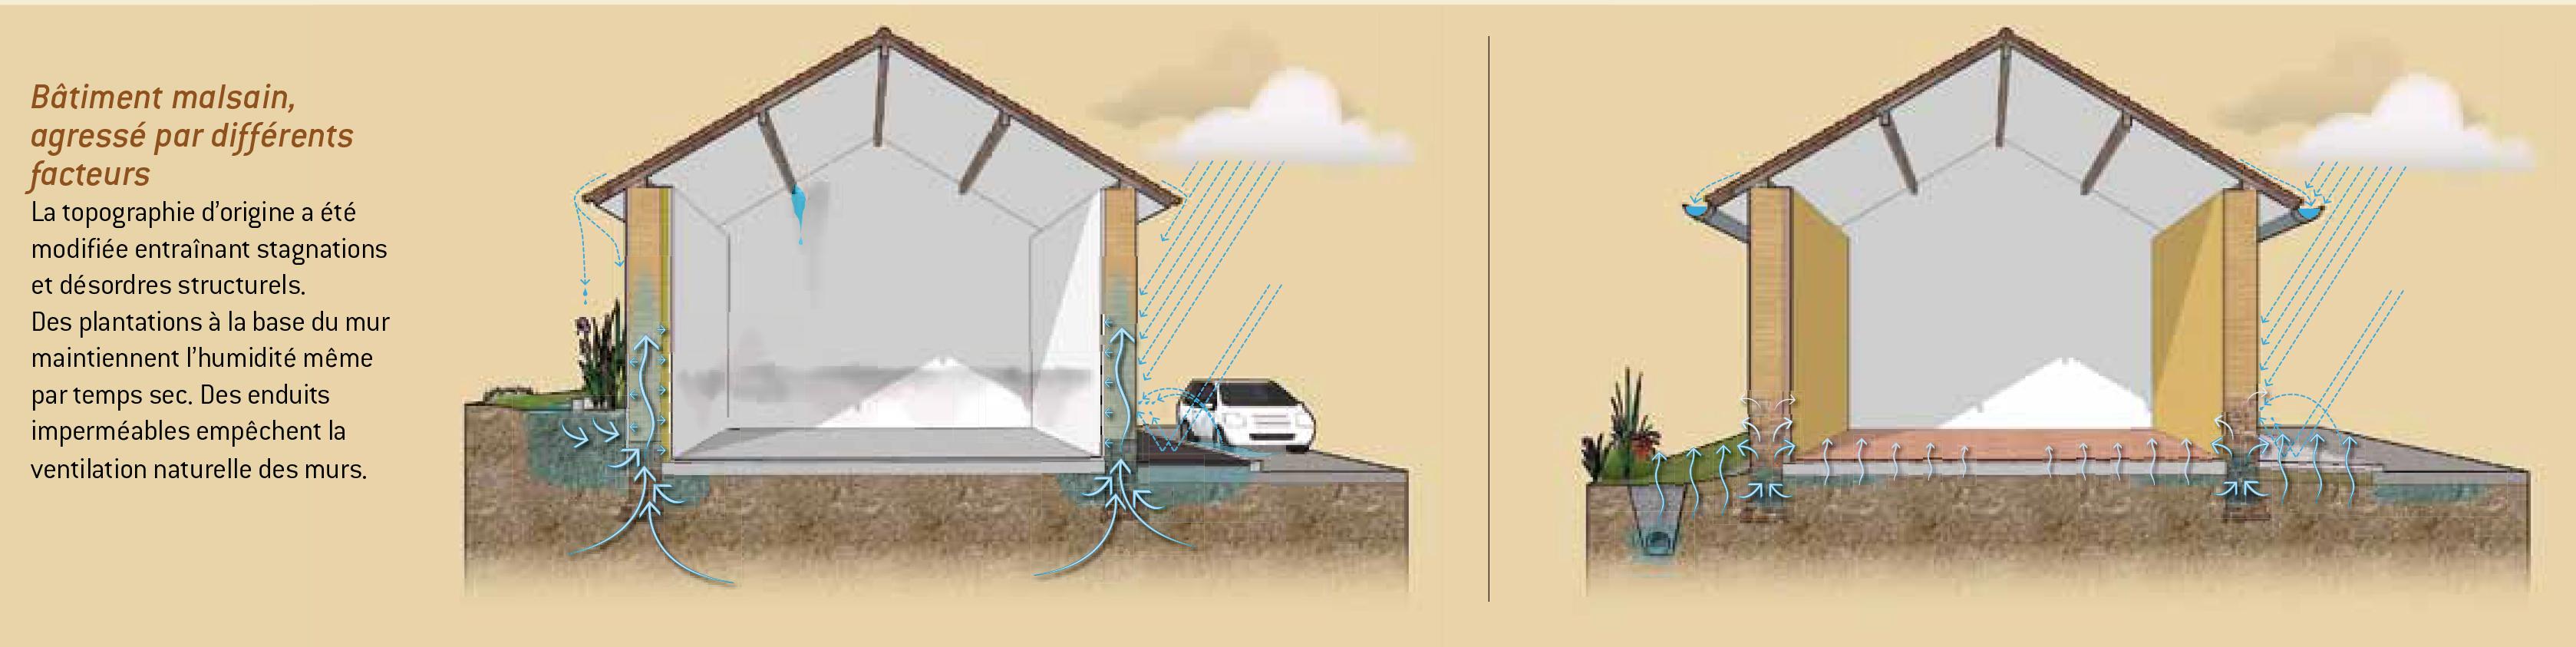 extrait de rénover et construire en pisé : les échanges d'eau